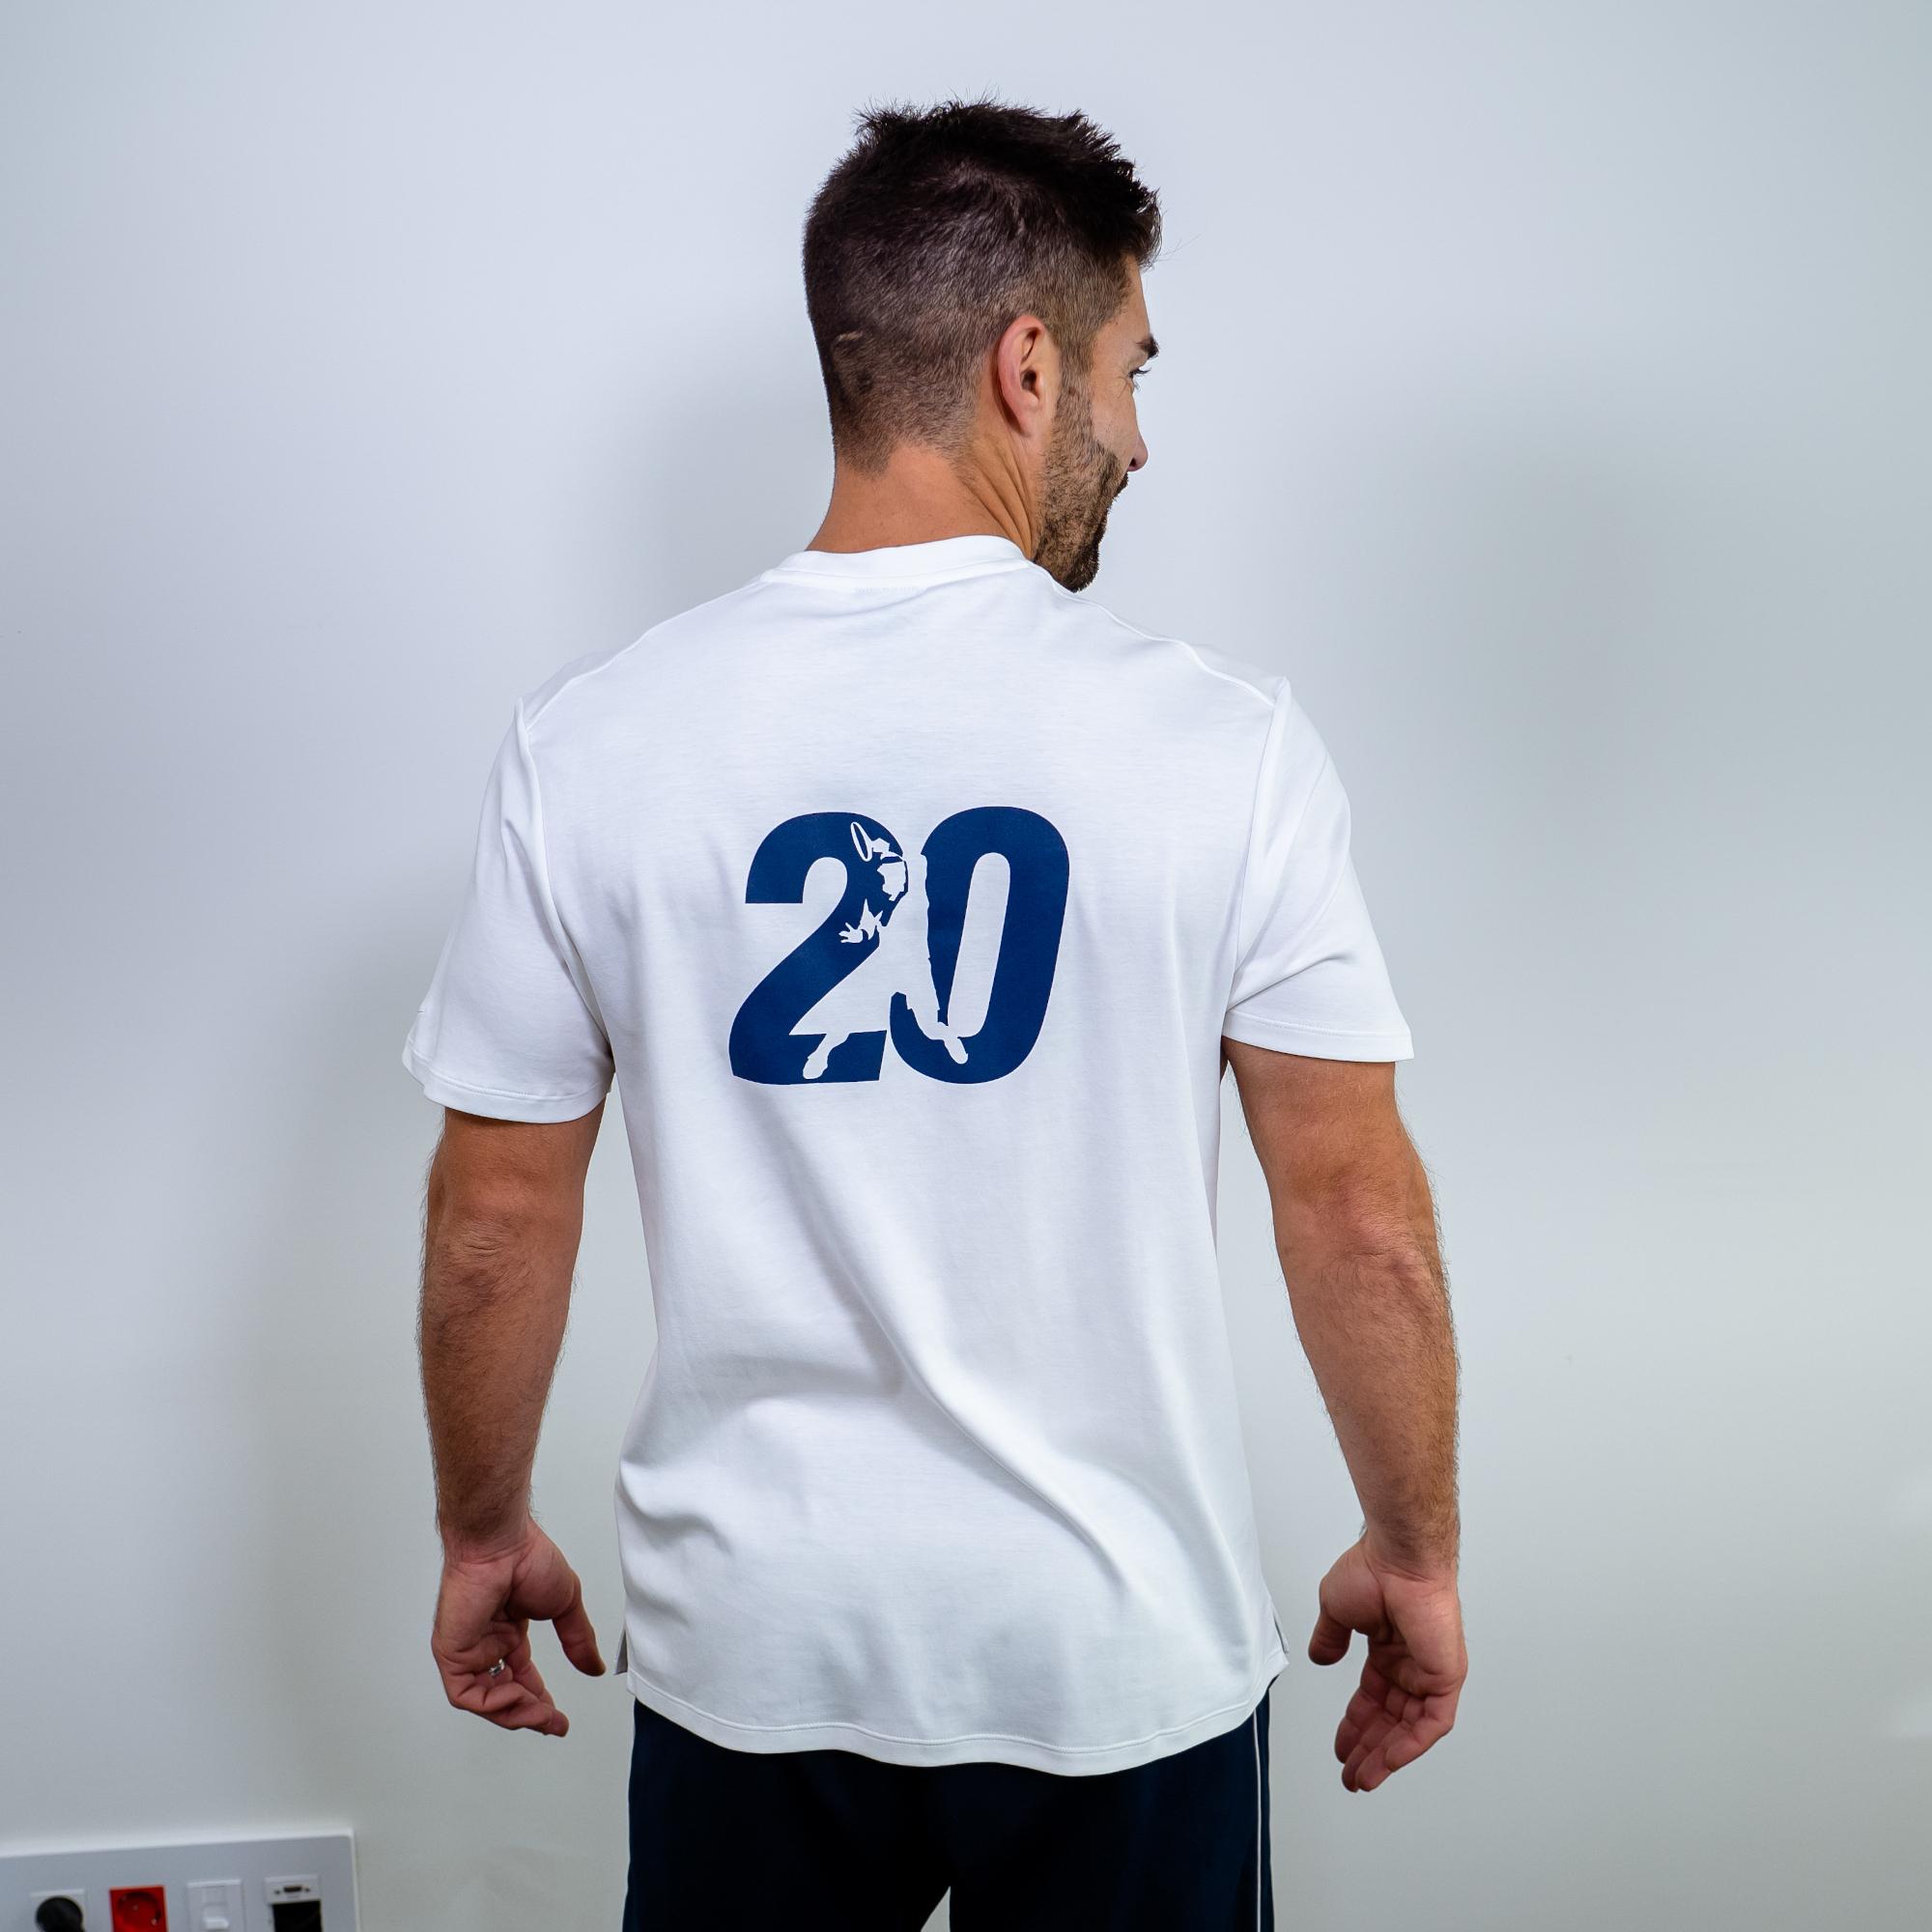 Imagen: https://images.neobookings.com/cms/rafanadalacademy.com/section/el-vamos-rafa-se-convierte-en-camiseta-y-mascarilla/pics/el-vamos-rafa-se-convierte-en-camiseta-y-mascarilla-6ow0oq6wr8.jpeg